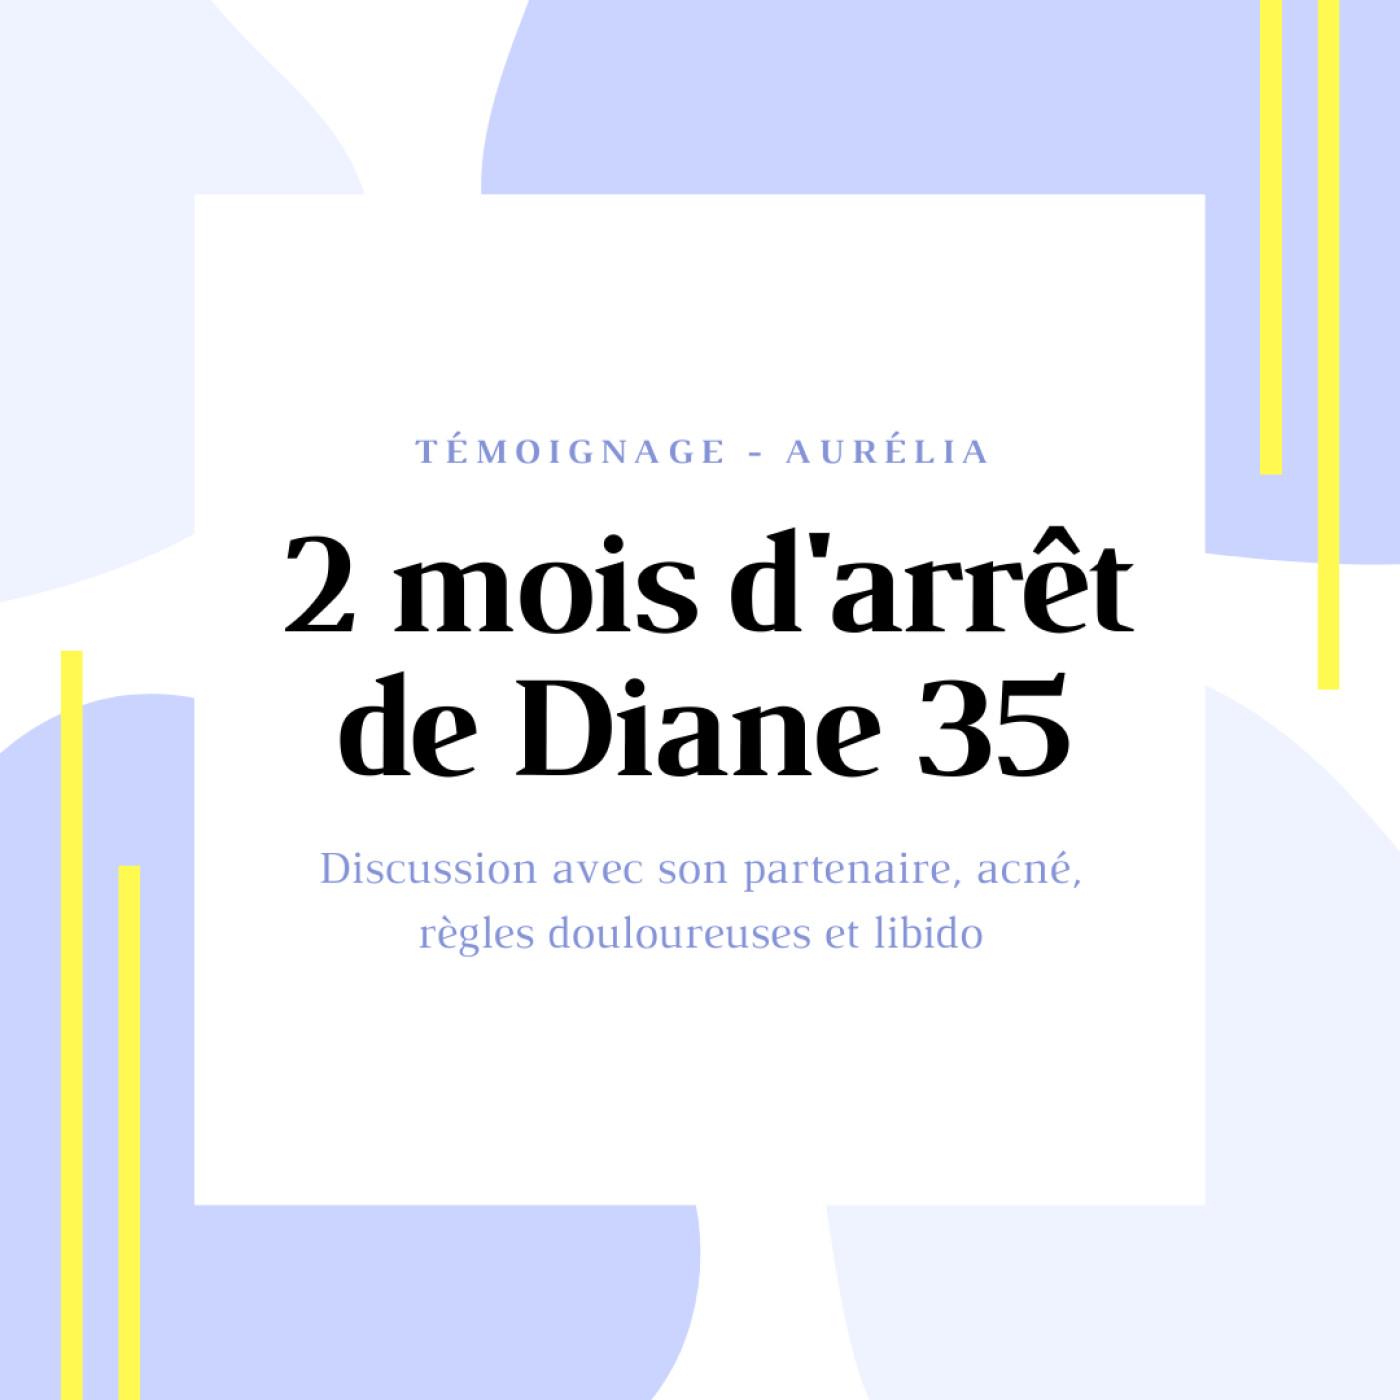 TEMOIGNAGE #1 - Aurélia et l'arrêt de Diane 35